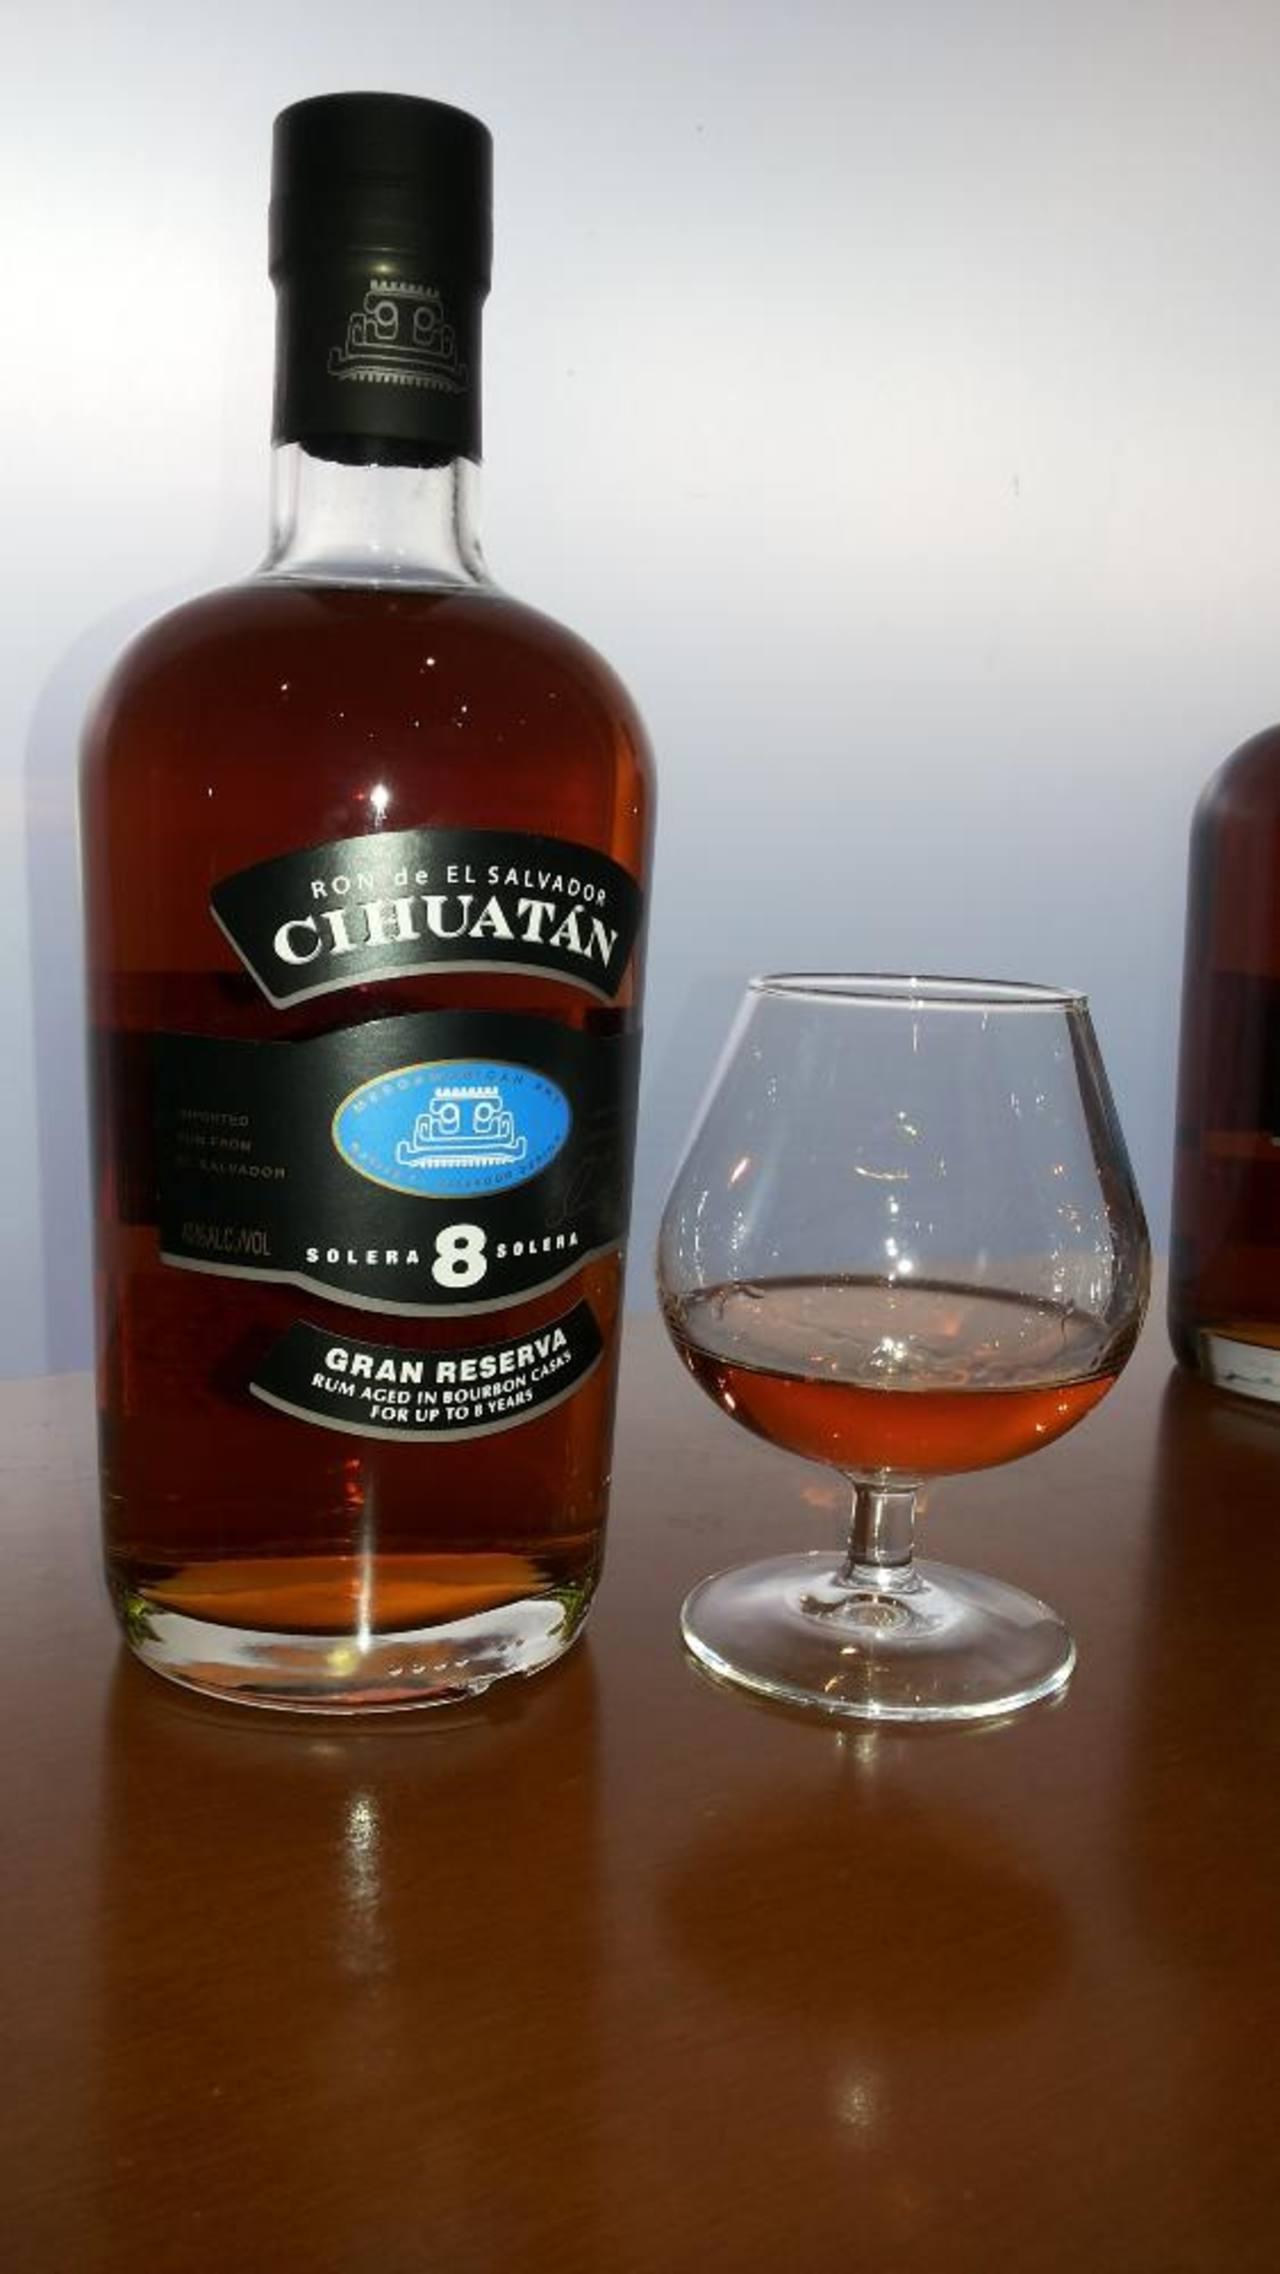 Licorera Cihuatán, subsidiaria de Ingenio La Cabaña, es la productora de la marca.